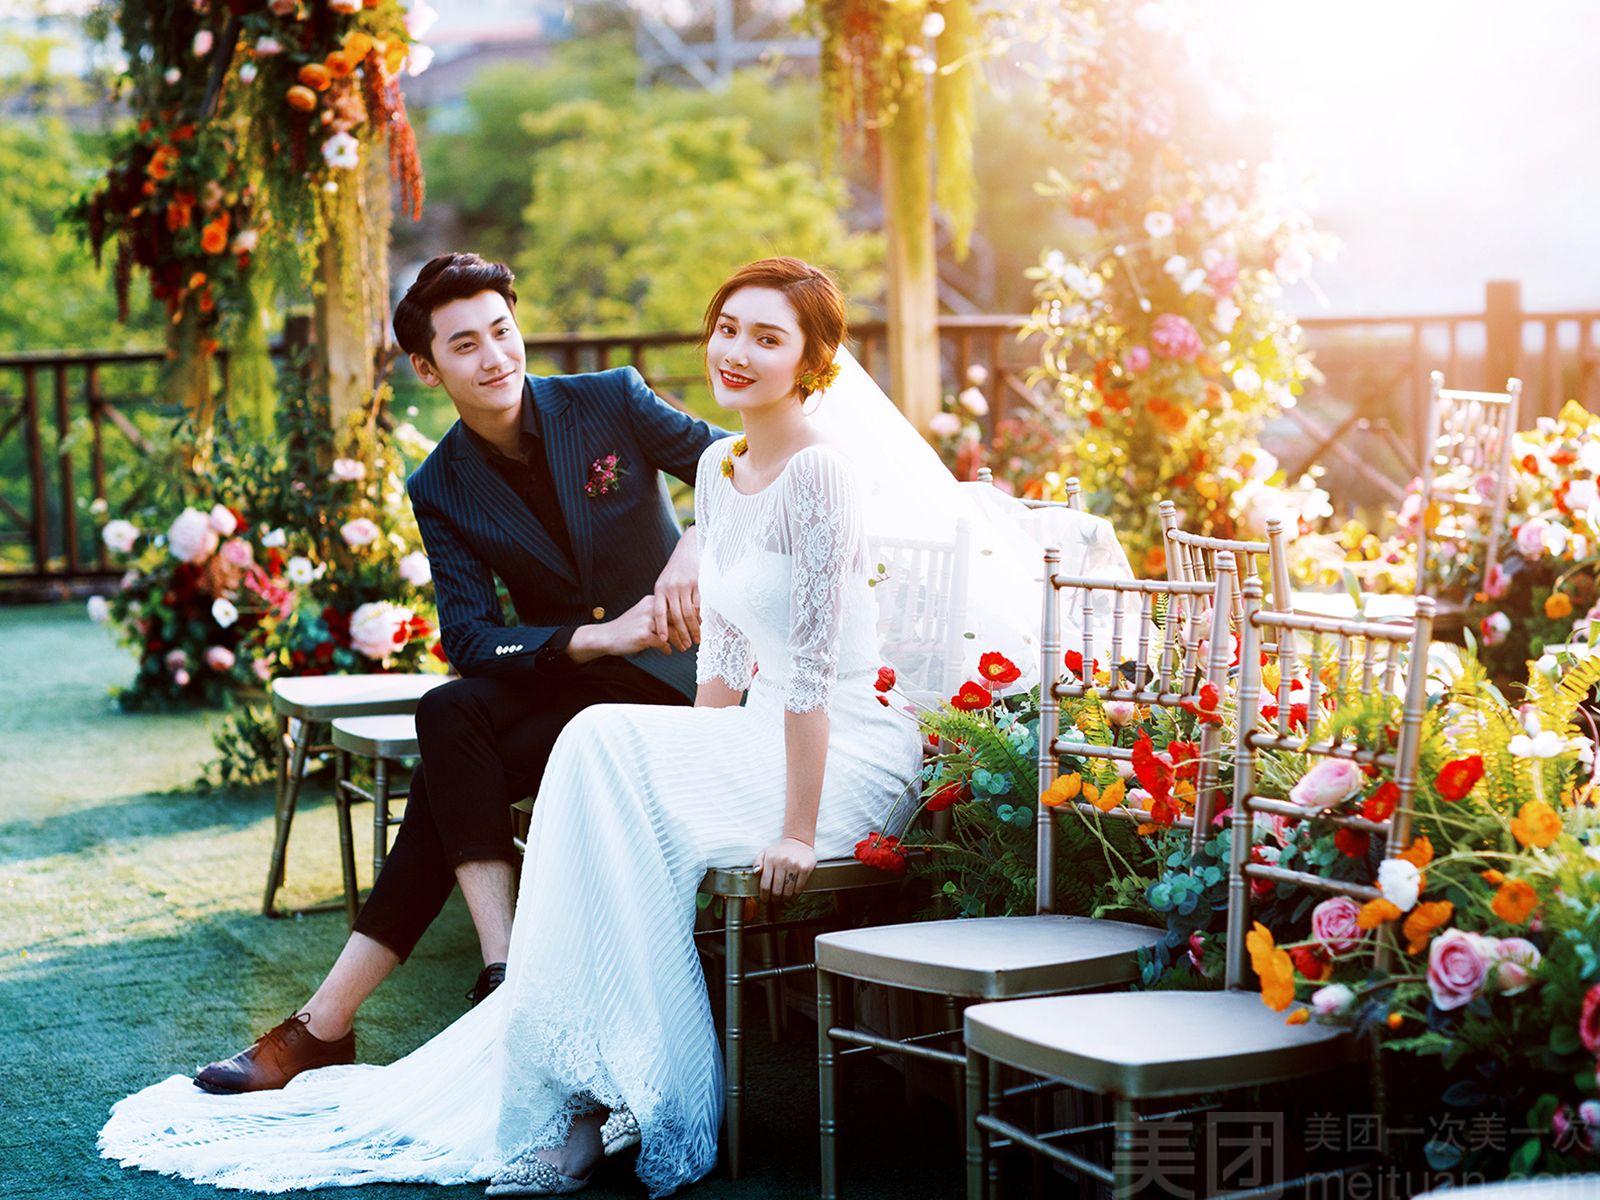 【大视觉婚纱摄影】【11·11狂欢节】限时大促婚纱照